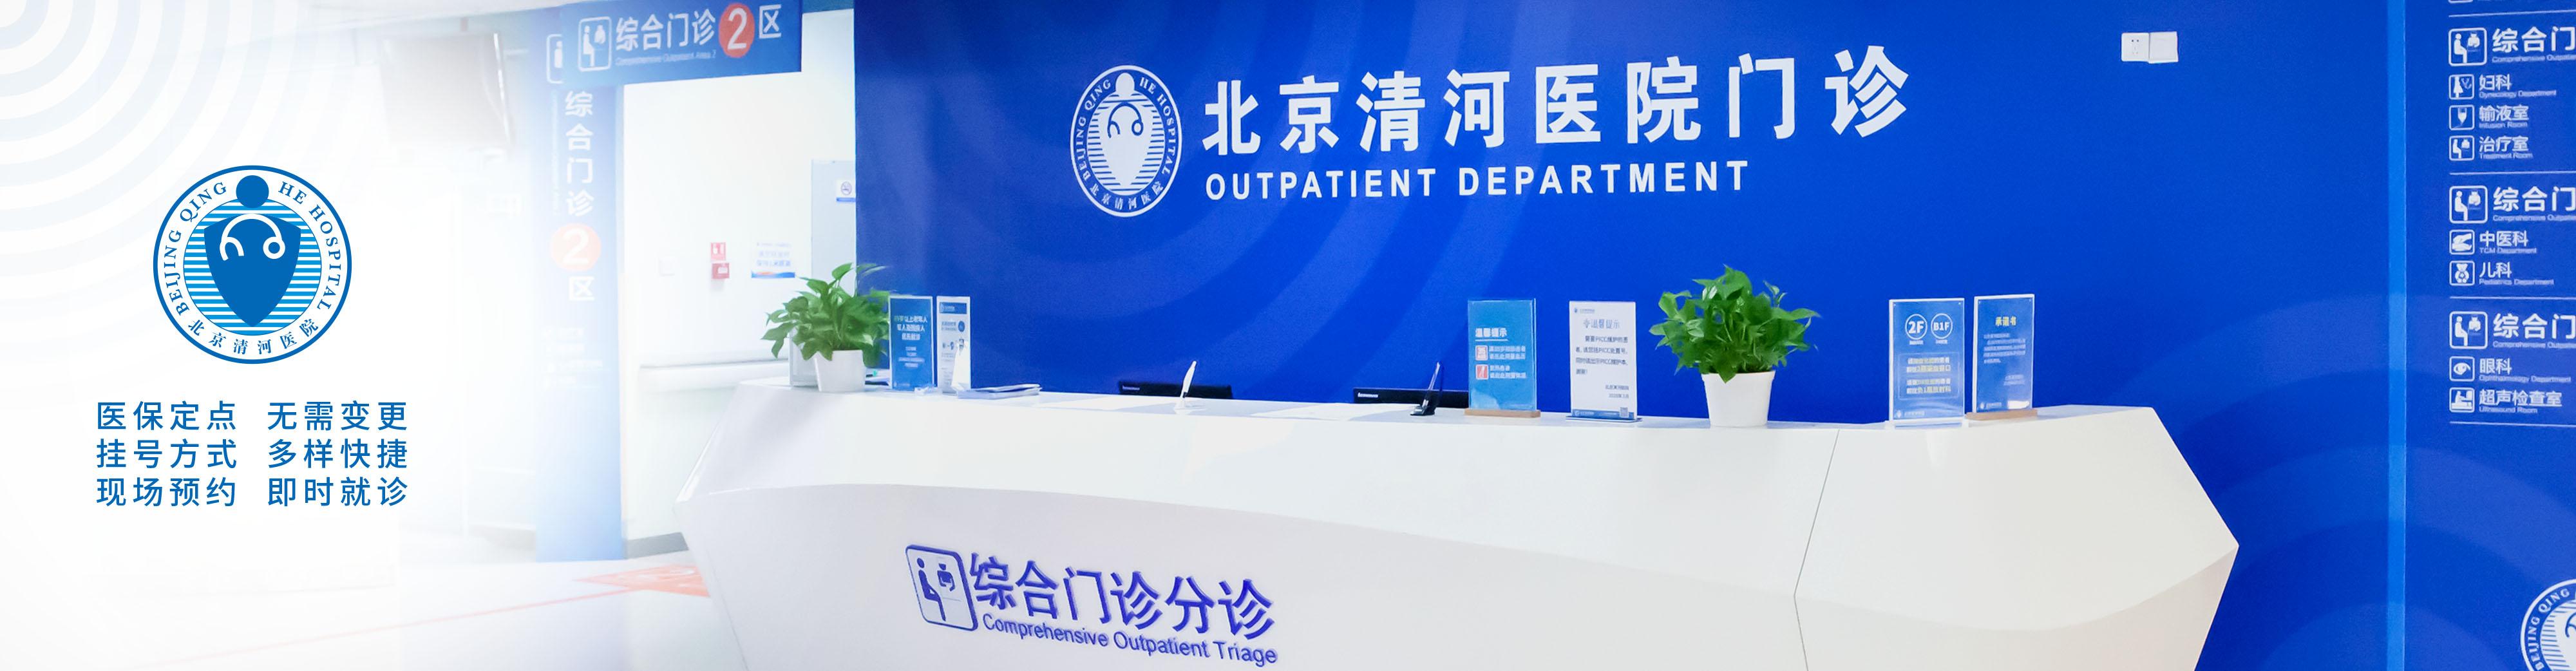 北京清河医院门诊